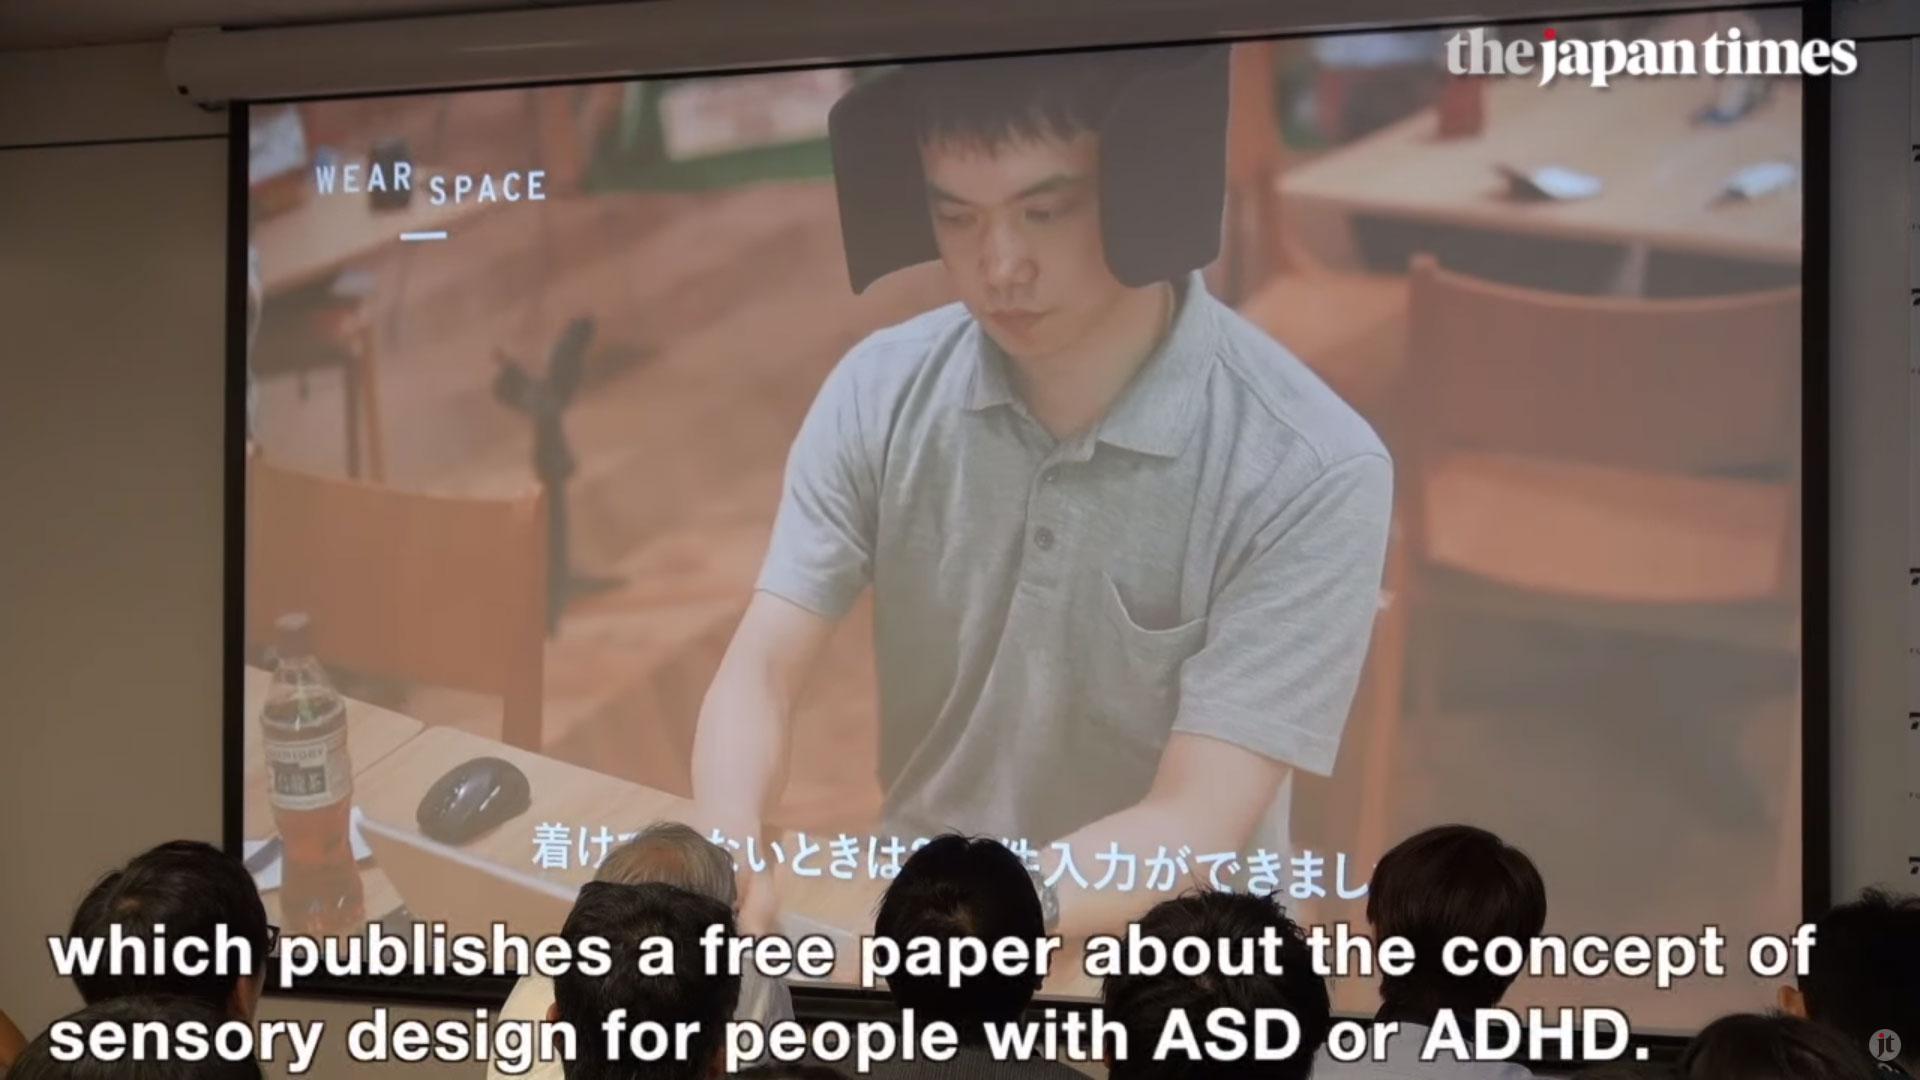 TheJapanTimesWearSpaceTentonto4